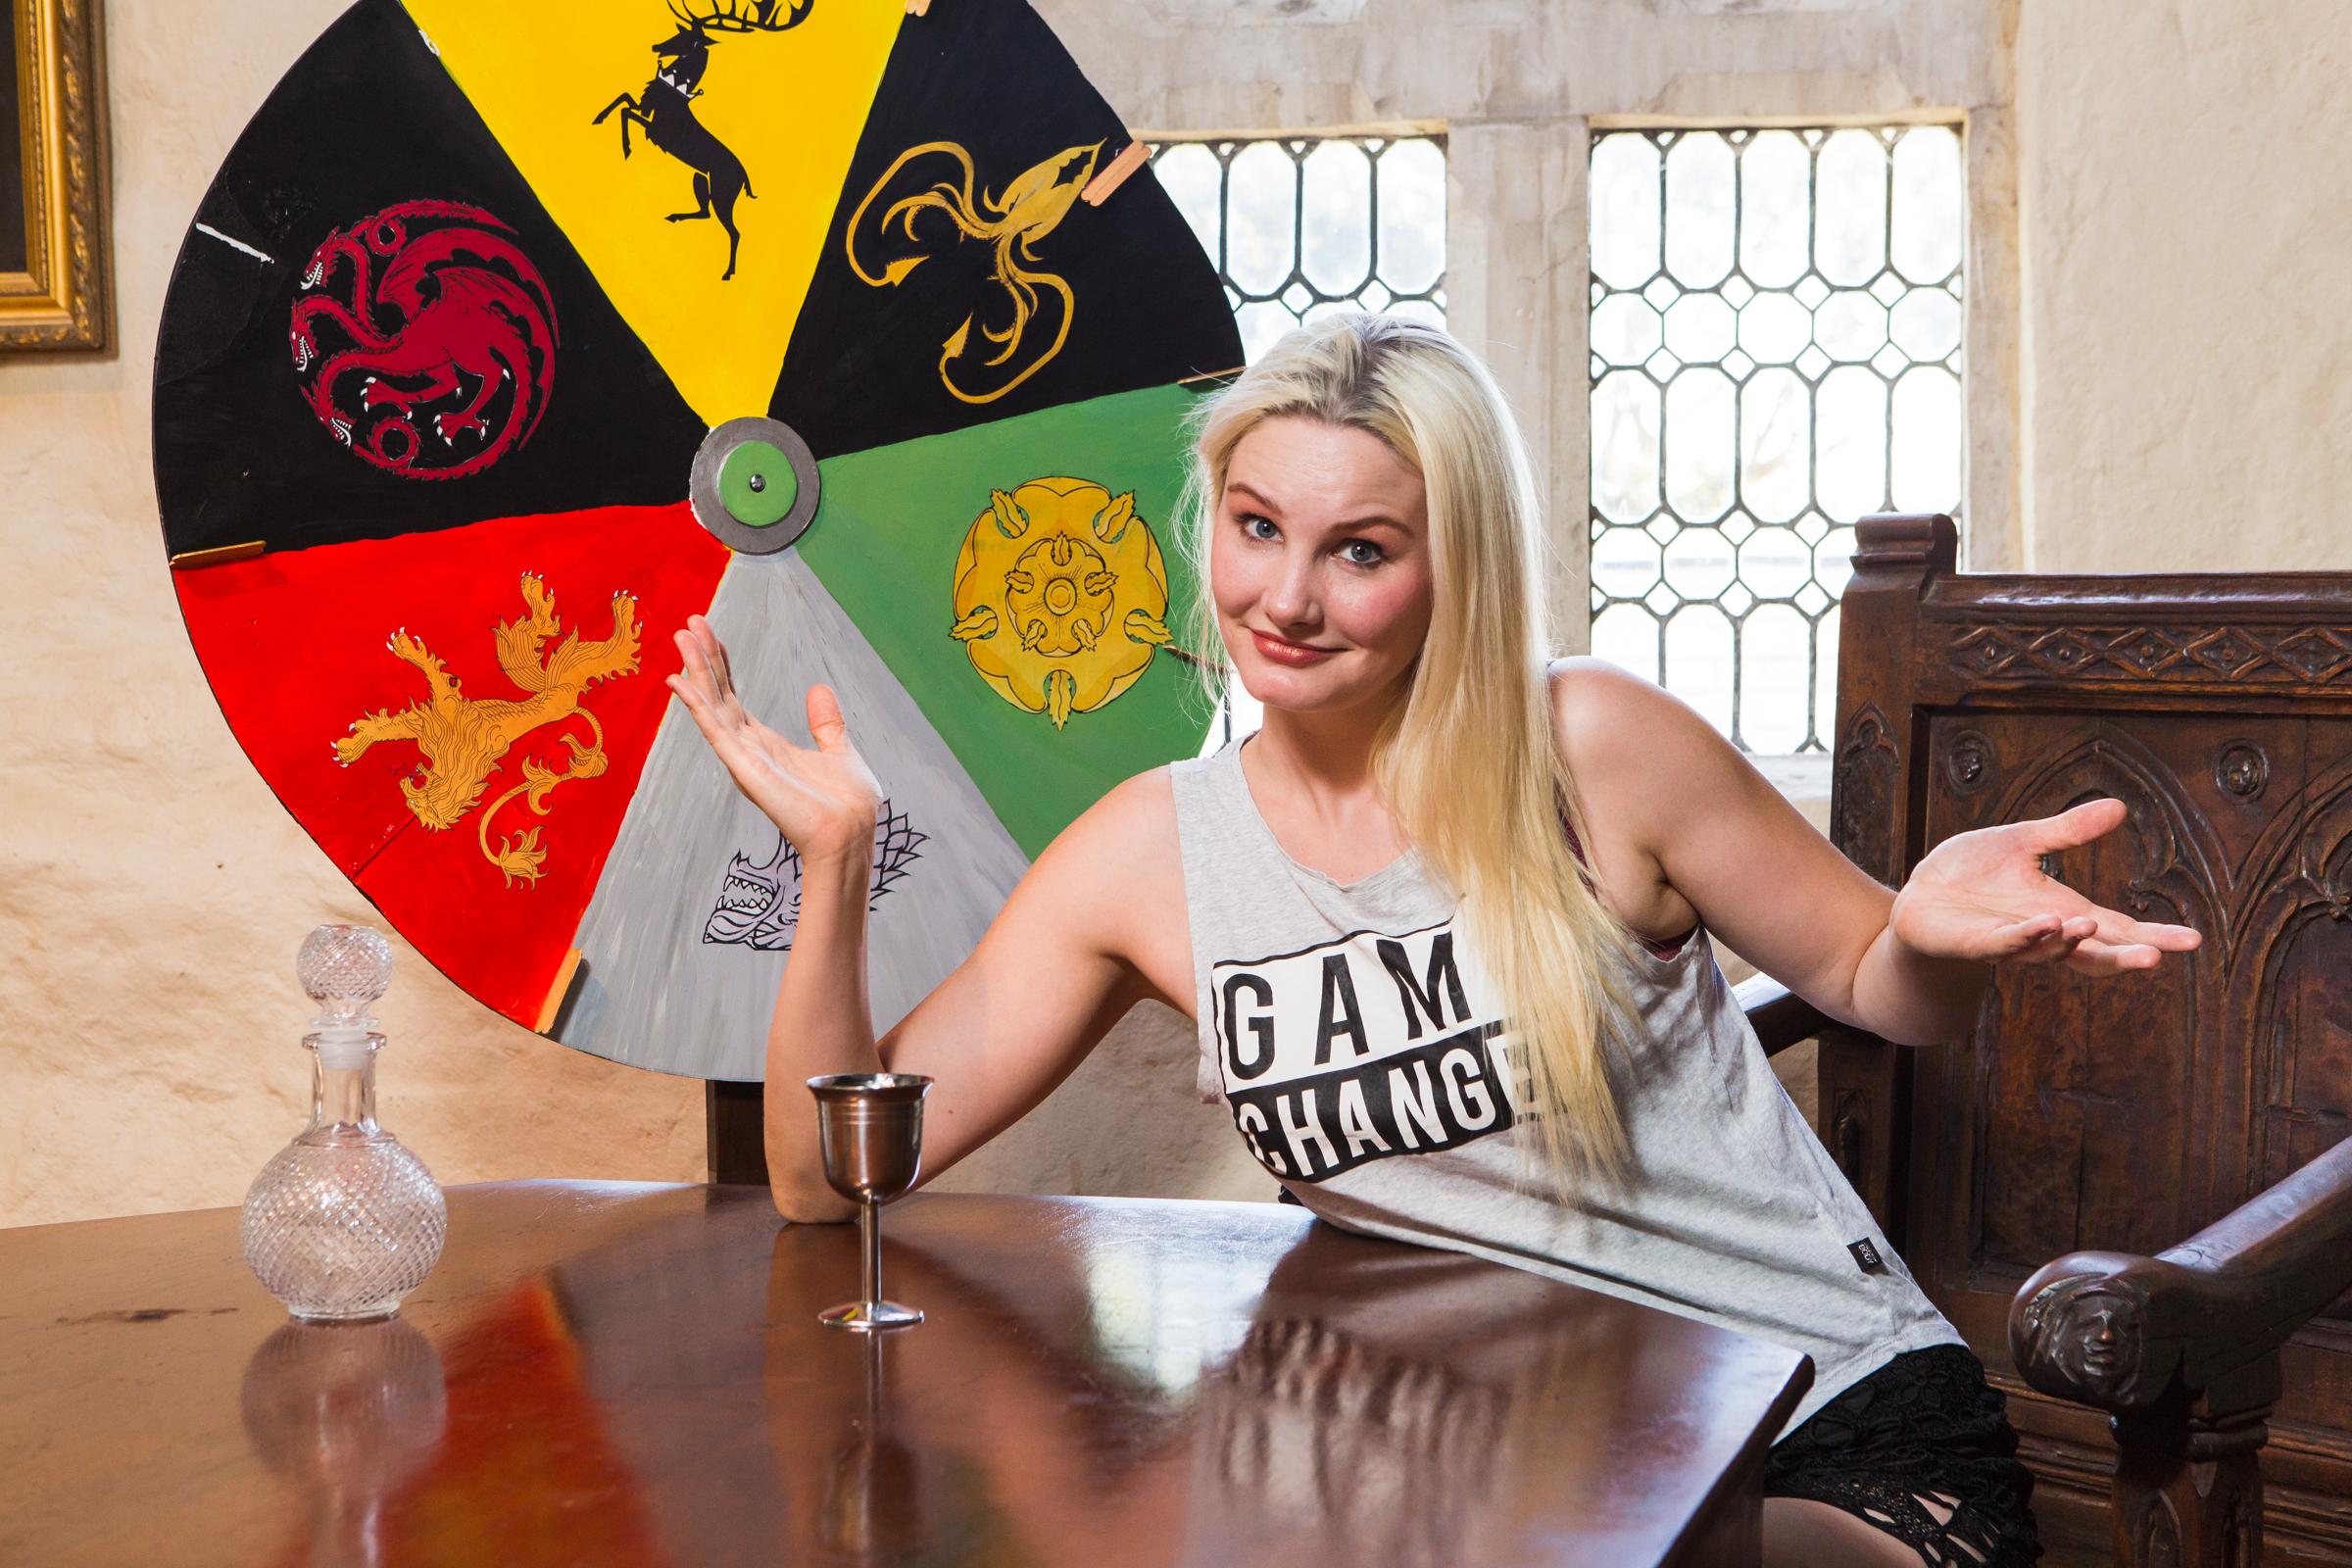 Gameshow_of_Thrones_2018_credit_Mark_Gambino-5183.jpg